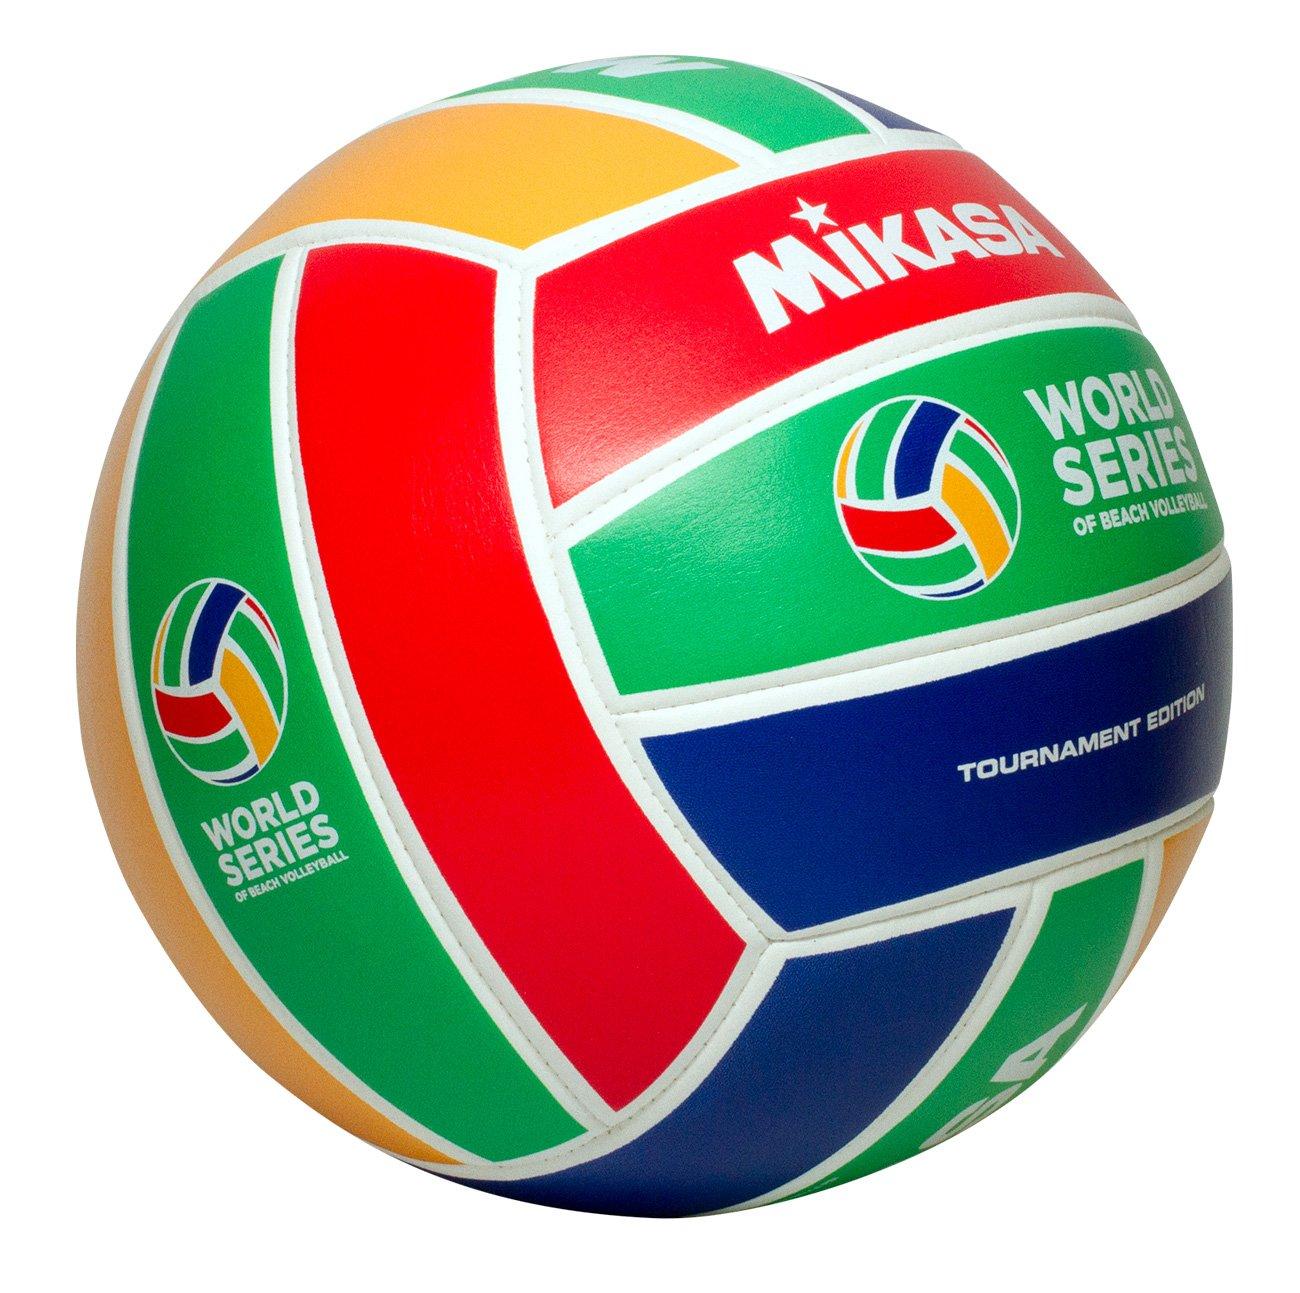 Mikasa World Series Tournamnet Edition Beach volley: Amazon.es ...